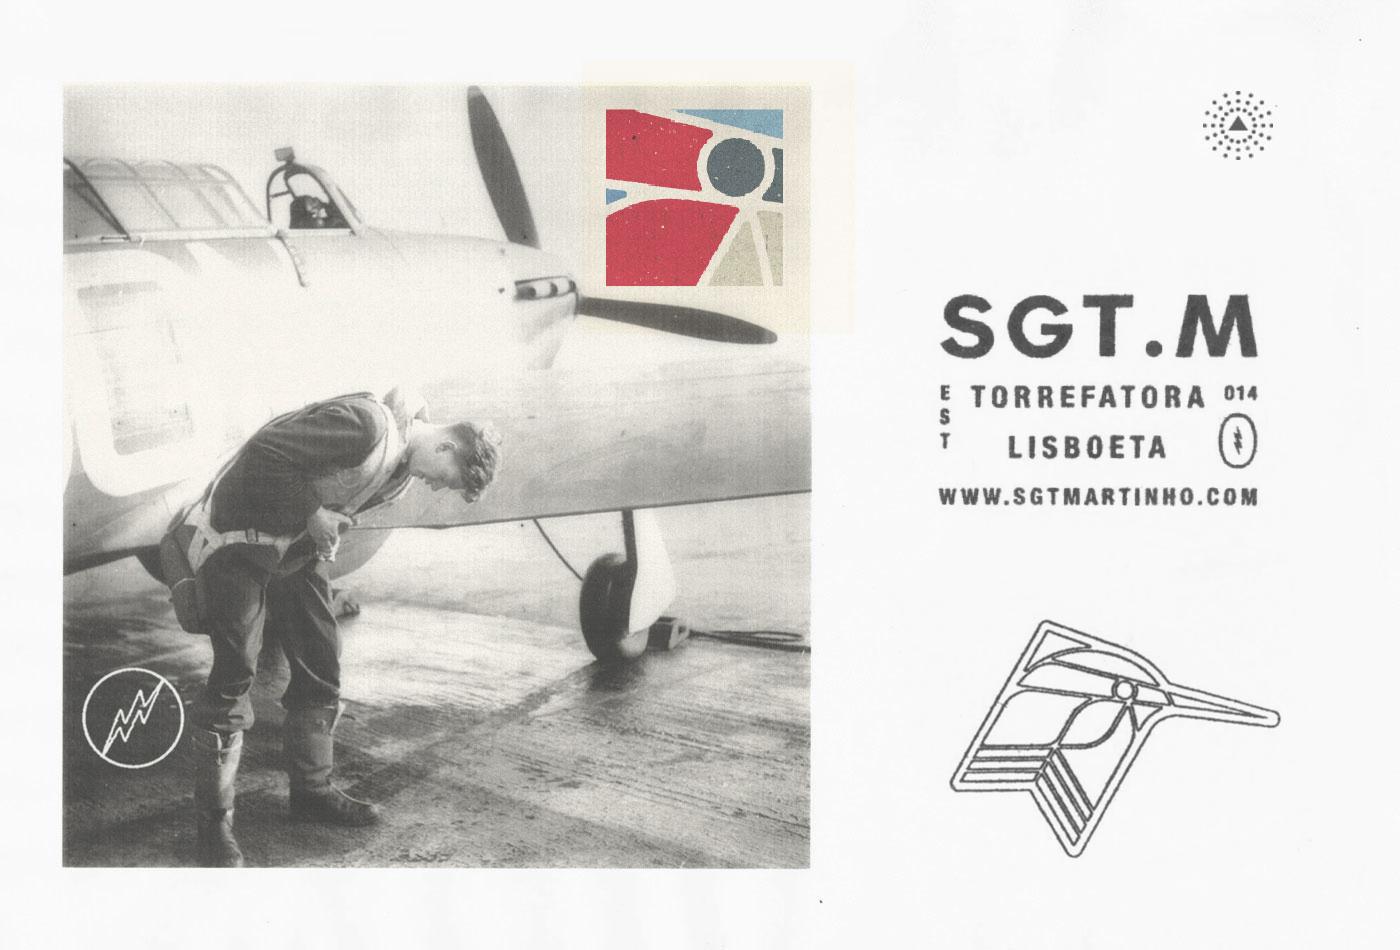 sargento-martinho-specialty-coffee-branding-vacaliebres-aircraft-cafe